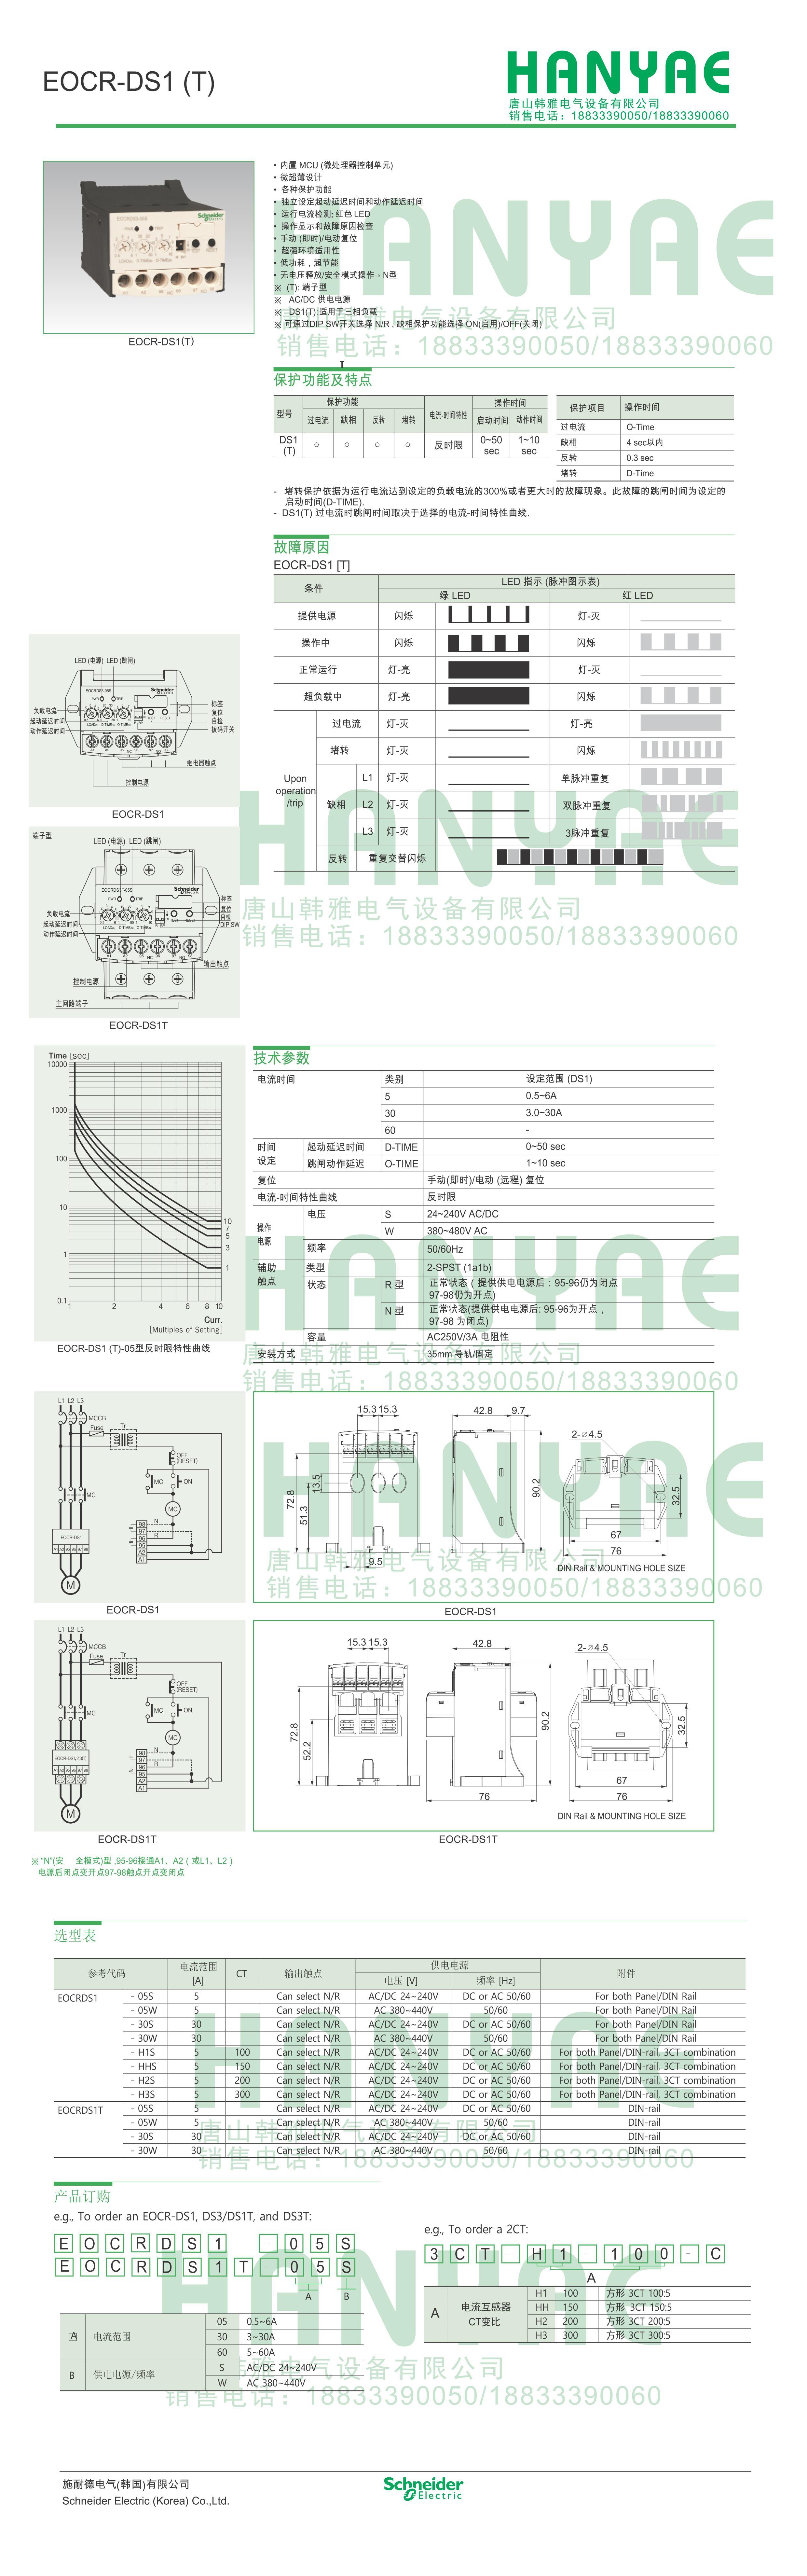 韩国三和EOCRDS1-05W 施耐德,韩国三和,韩国SAMWHA,电子式继电器,EOCR-DS1